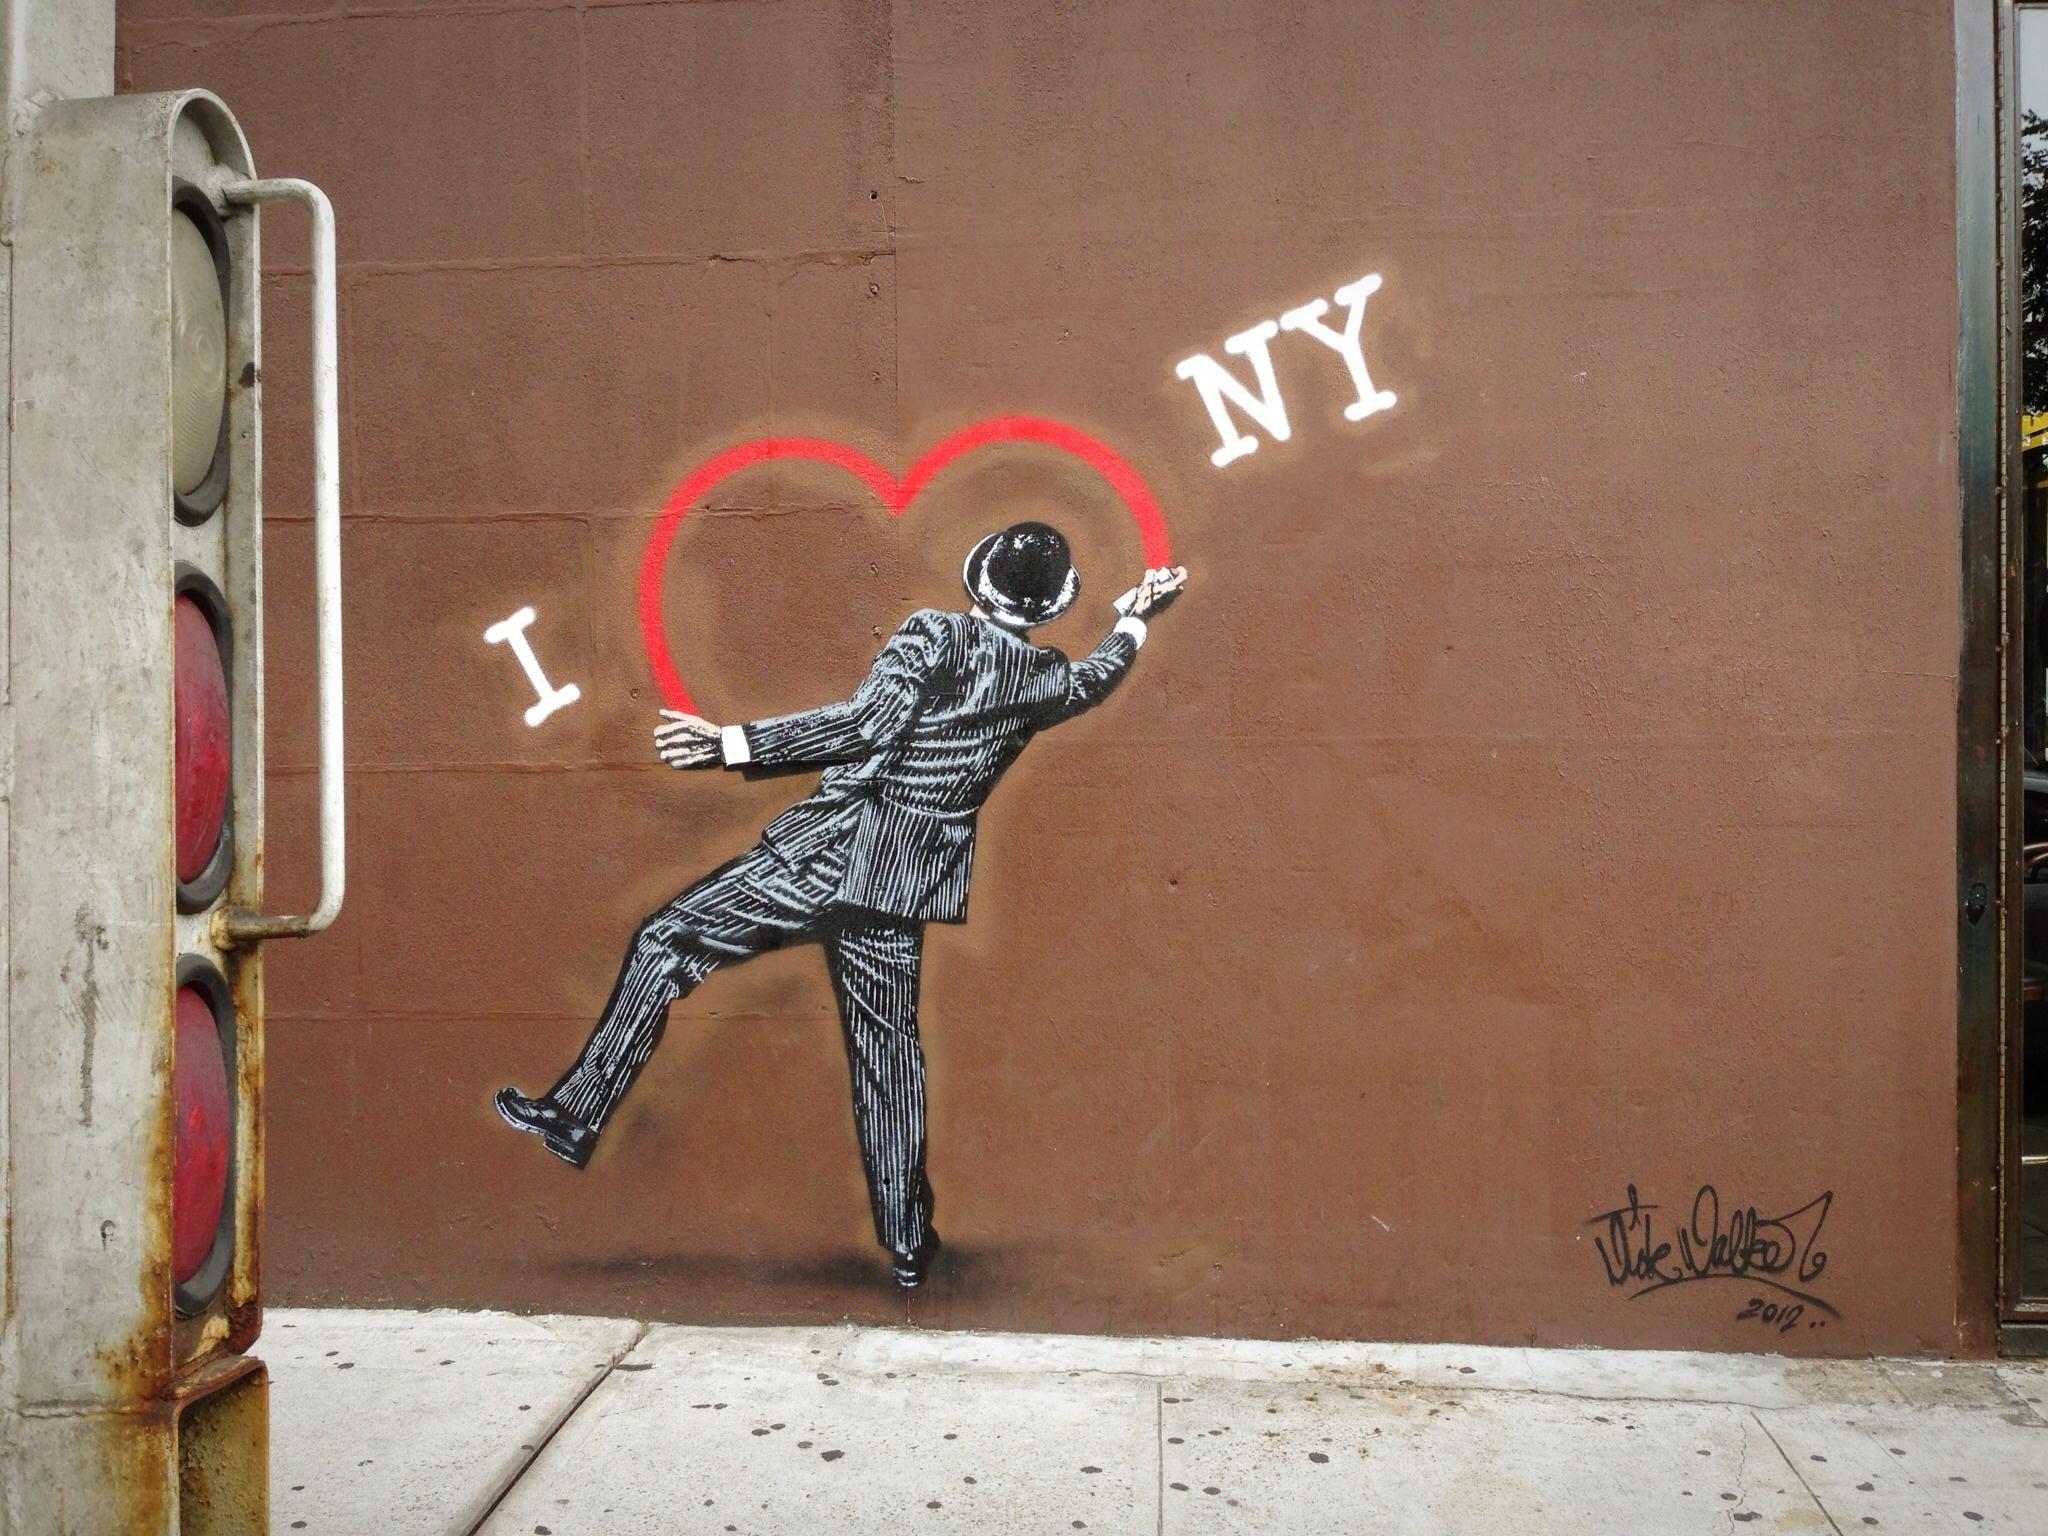 NY street   #gofordream Biuro podróży Goforworld by Kuźniar